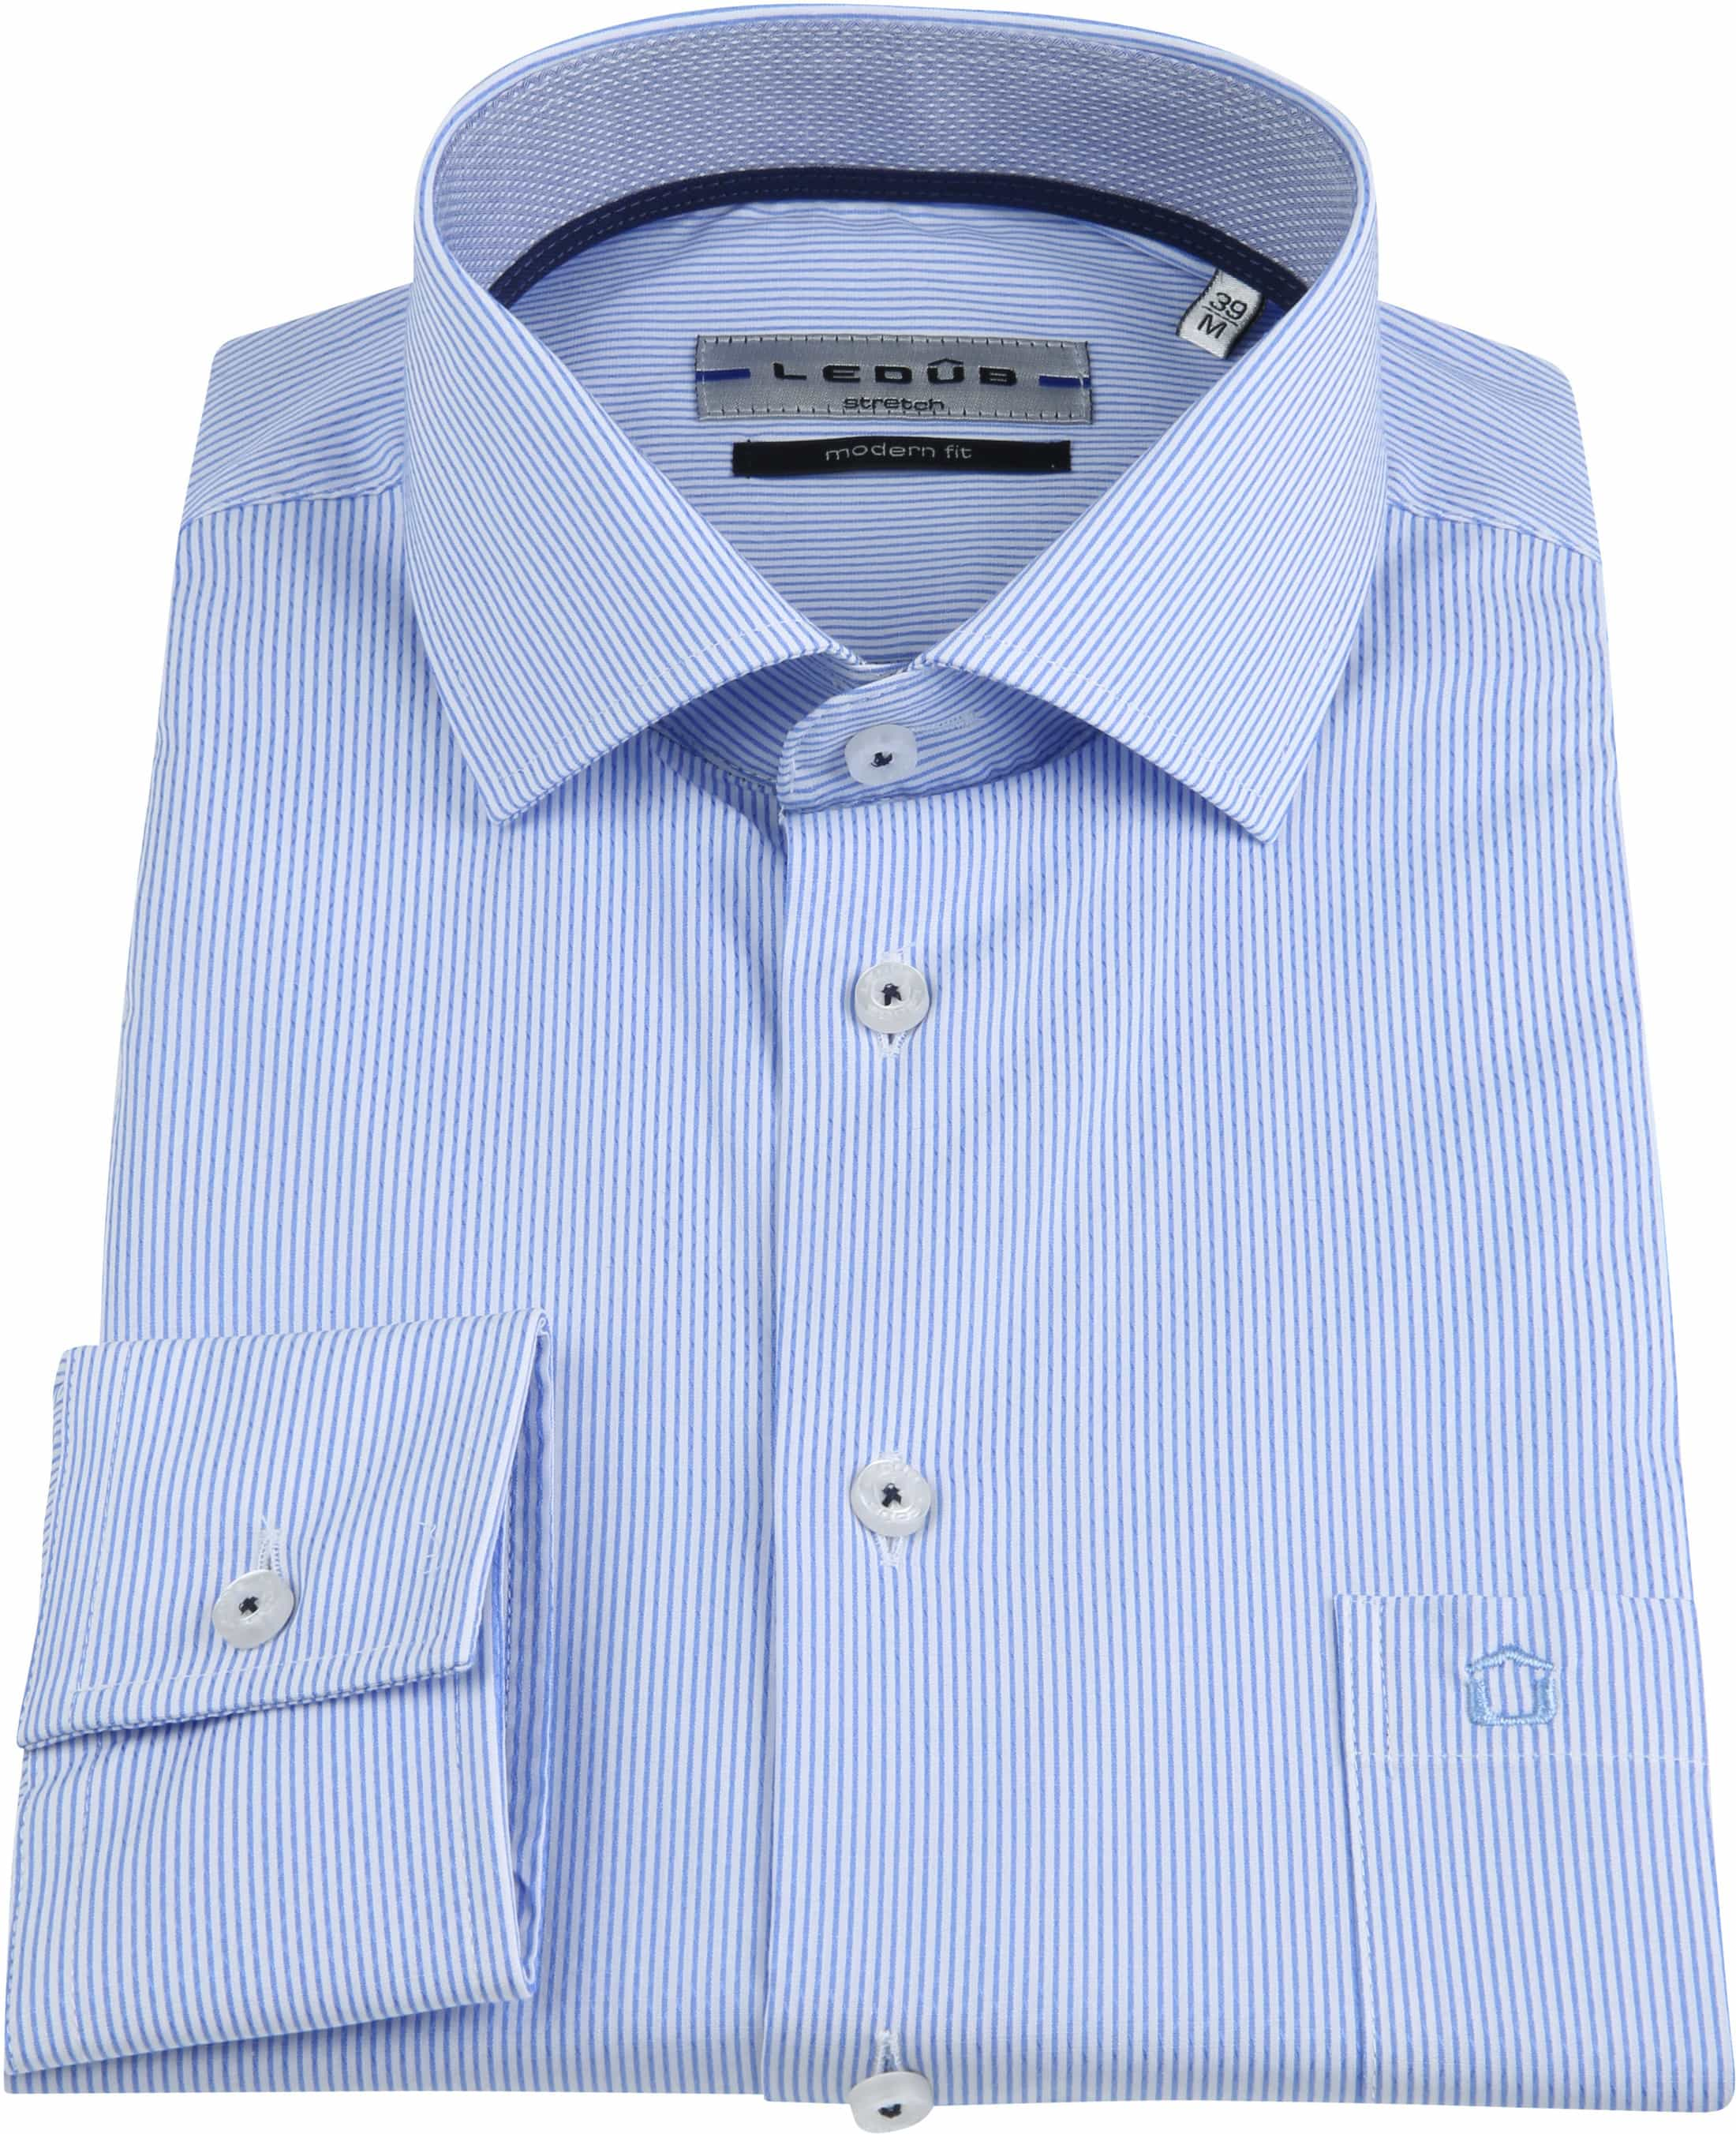 Ledub Hemd Stretch Streifen Blau foto 2